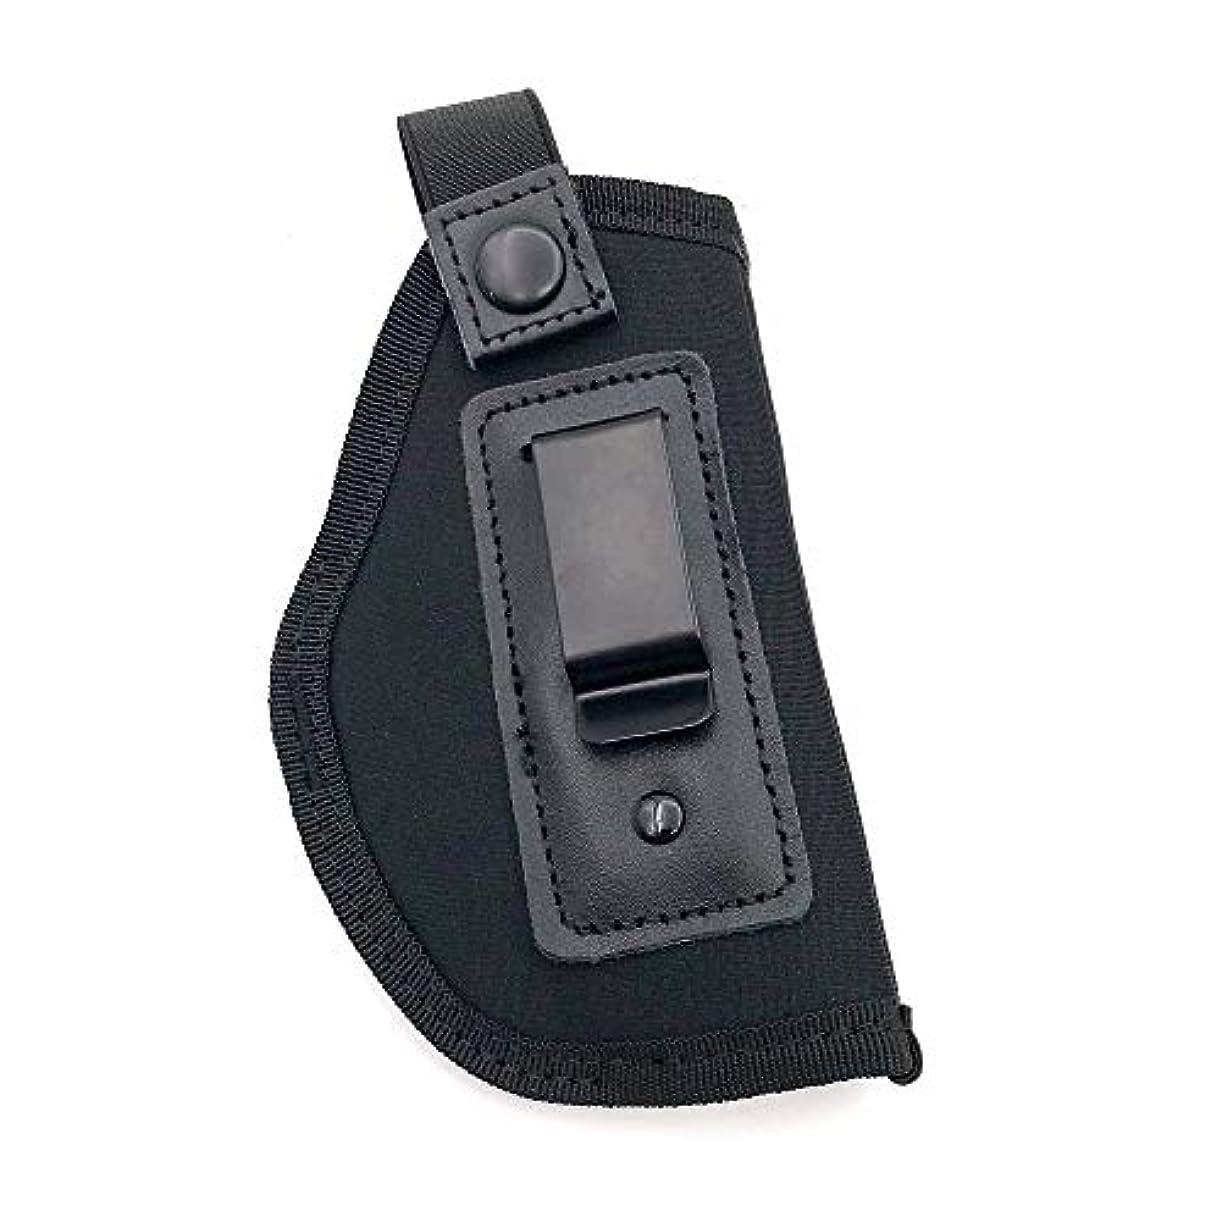 天窓話歌詞屋外ステルス戦術ウエストバンドダイビングコットンホルスターCSフィールドソフトウエストバッグ戦術的な小さなバッグ (Color : Black, Size : 18*10*3cm/7.1*3.9*1.2in)